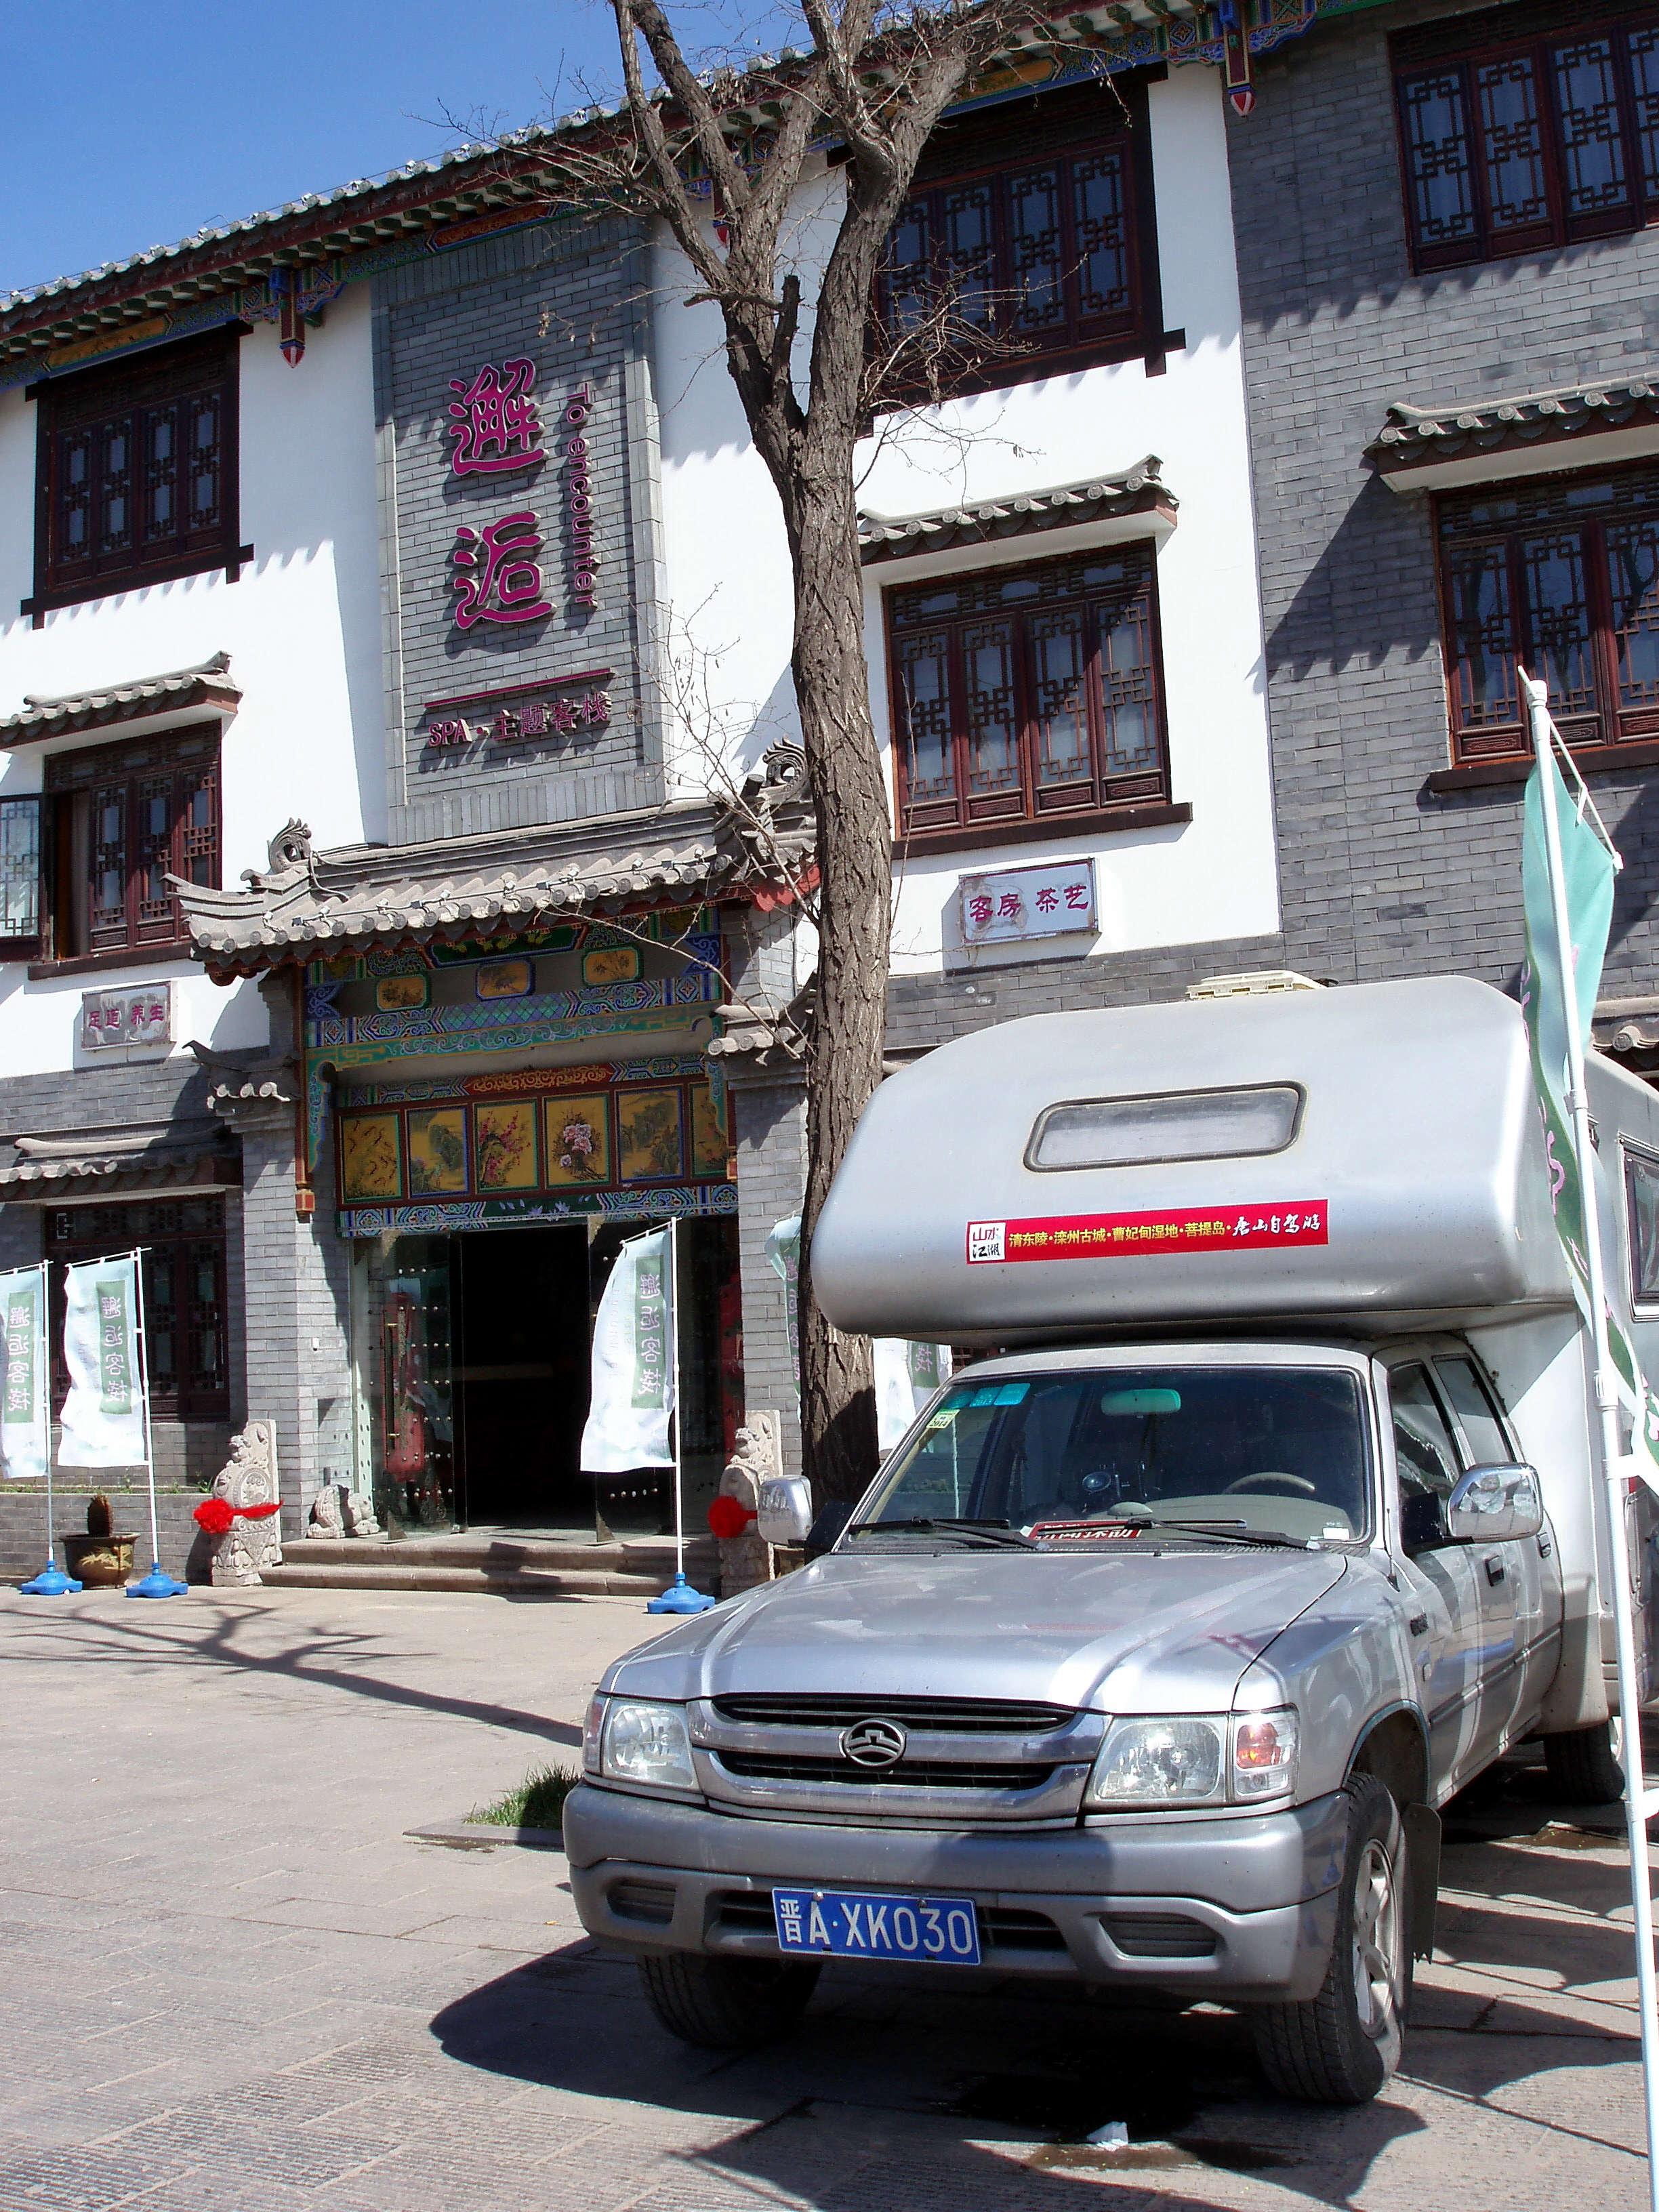 求v就是,滦南就是附近有好点的古镇?酒店别墅乐清小别墅芙图片